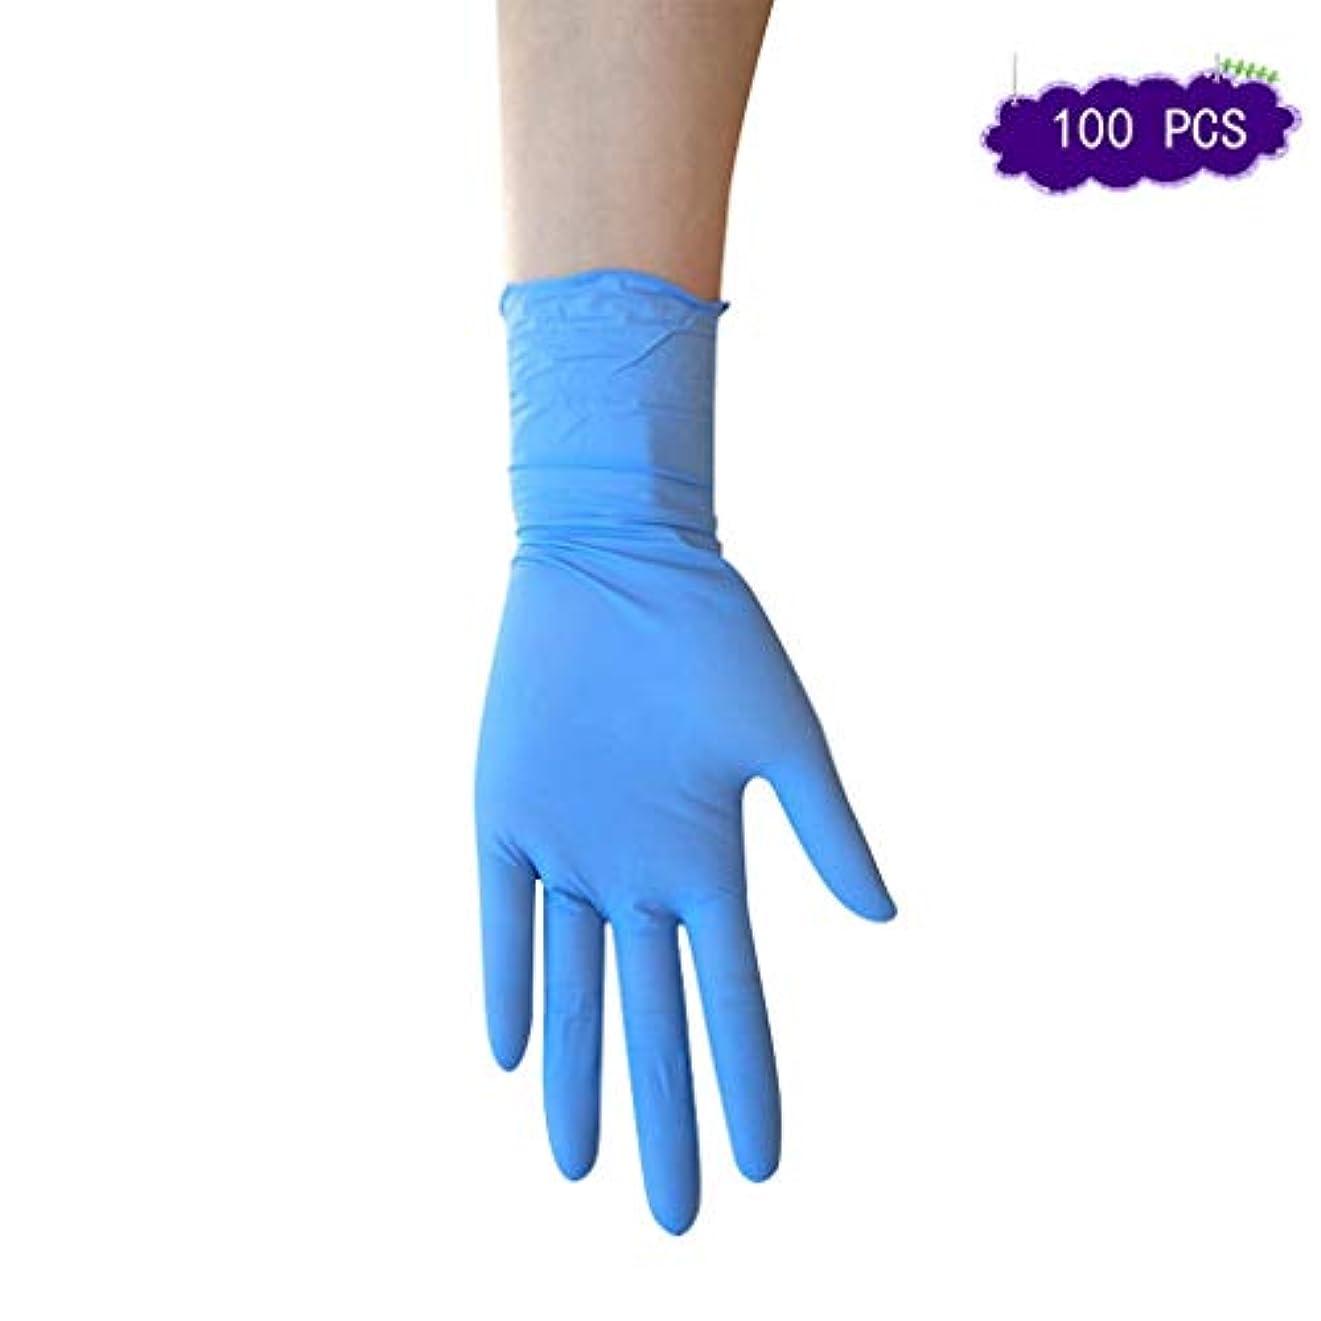 版あそこ葬儀使い捨てラテックス手袋ニトリル低温保護医療滅菌手袋9インチブルースキッド手袋なしパウダー (Color : 9 inch, Size : S)